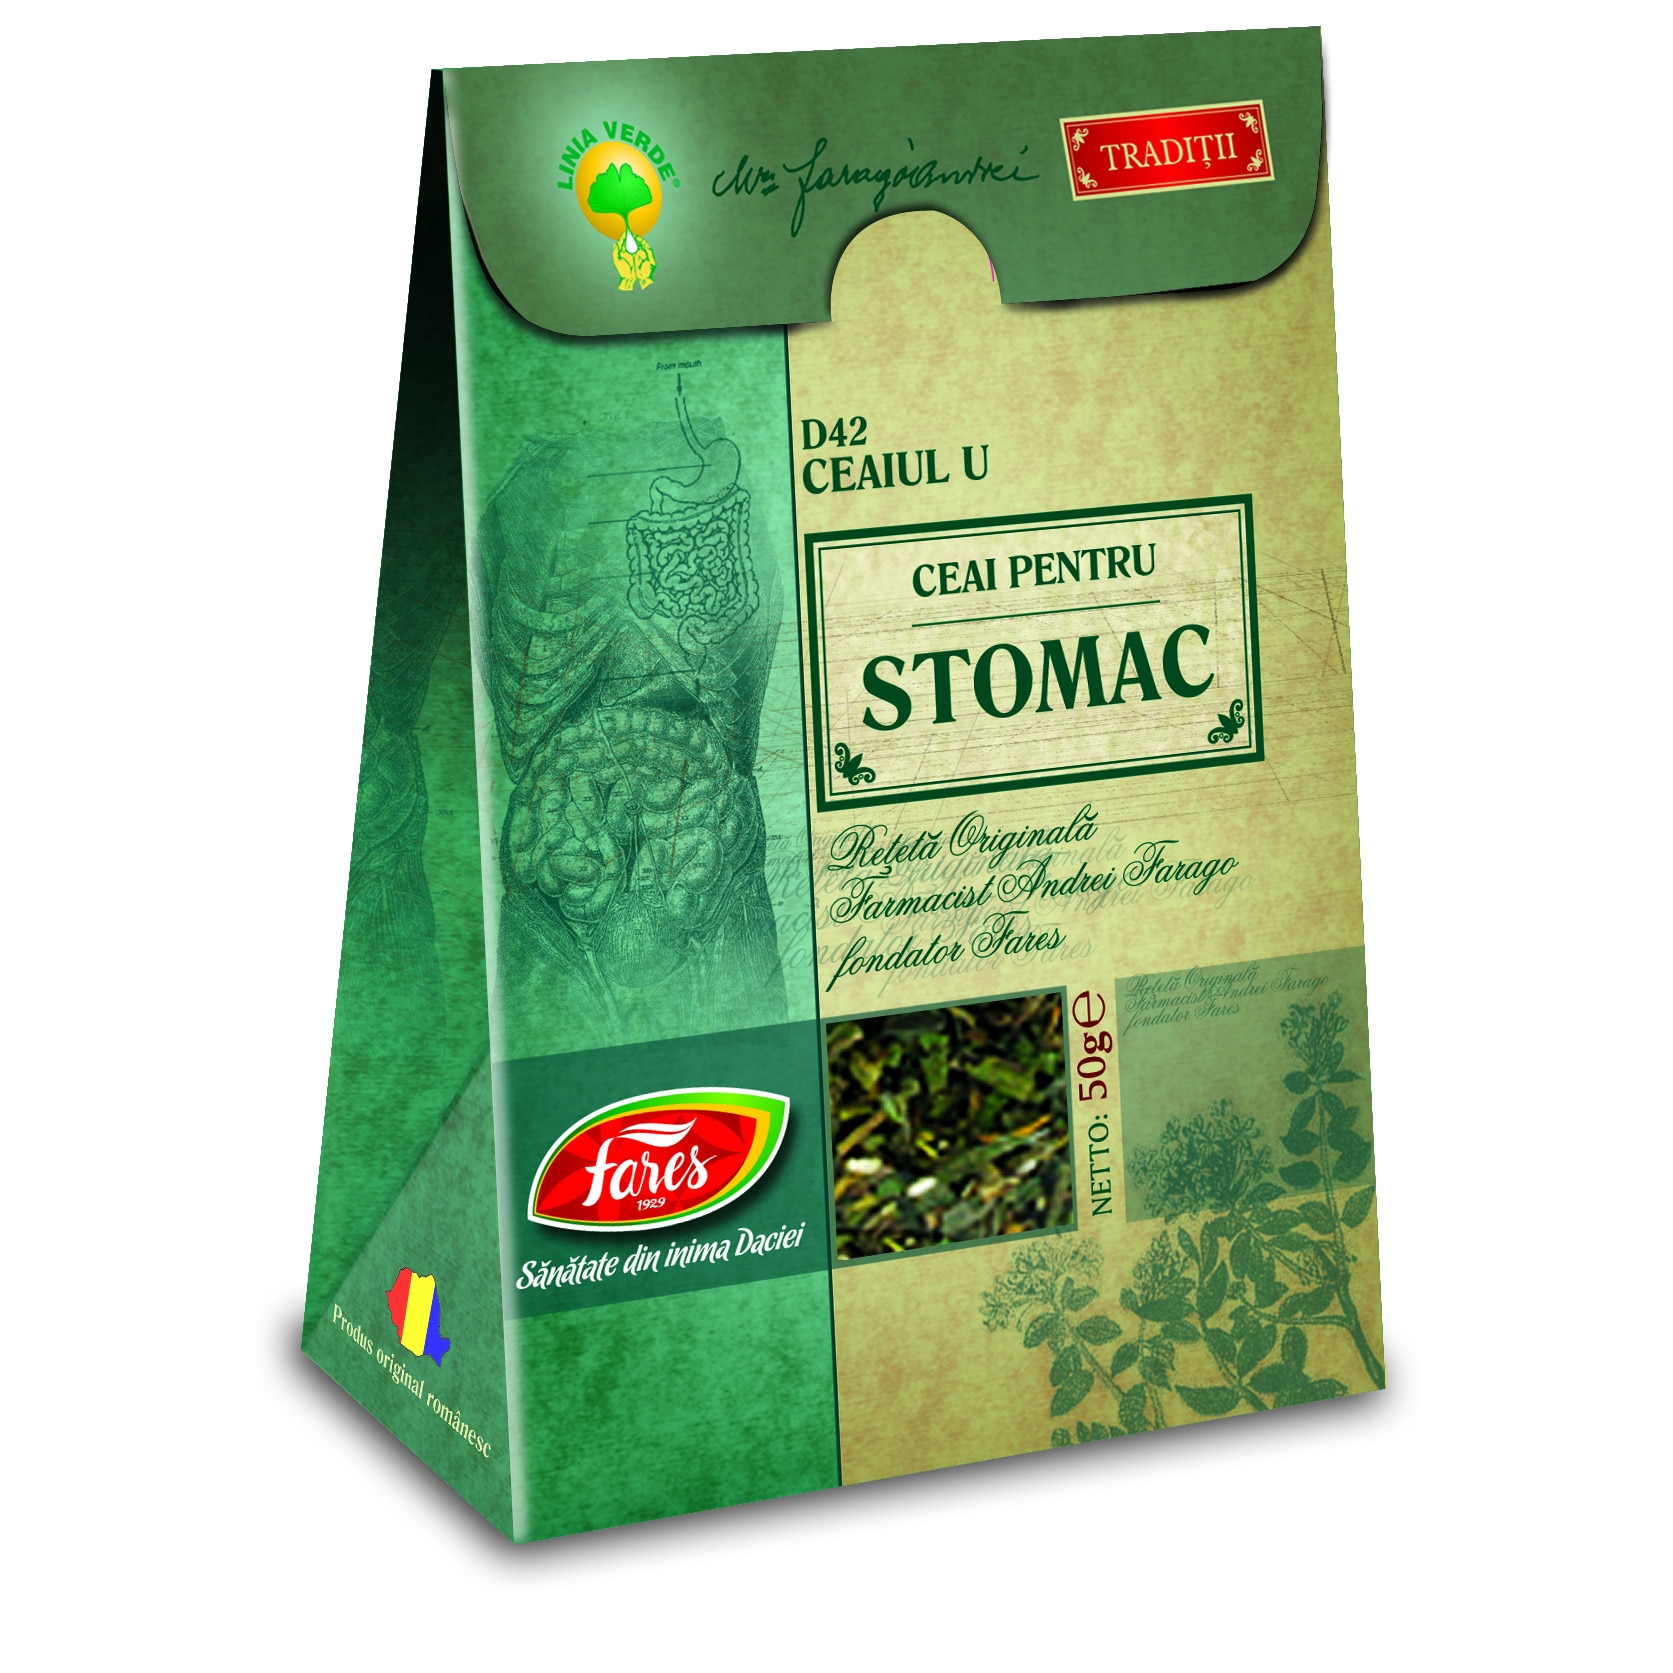 ceai pentru stomac si colon)